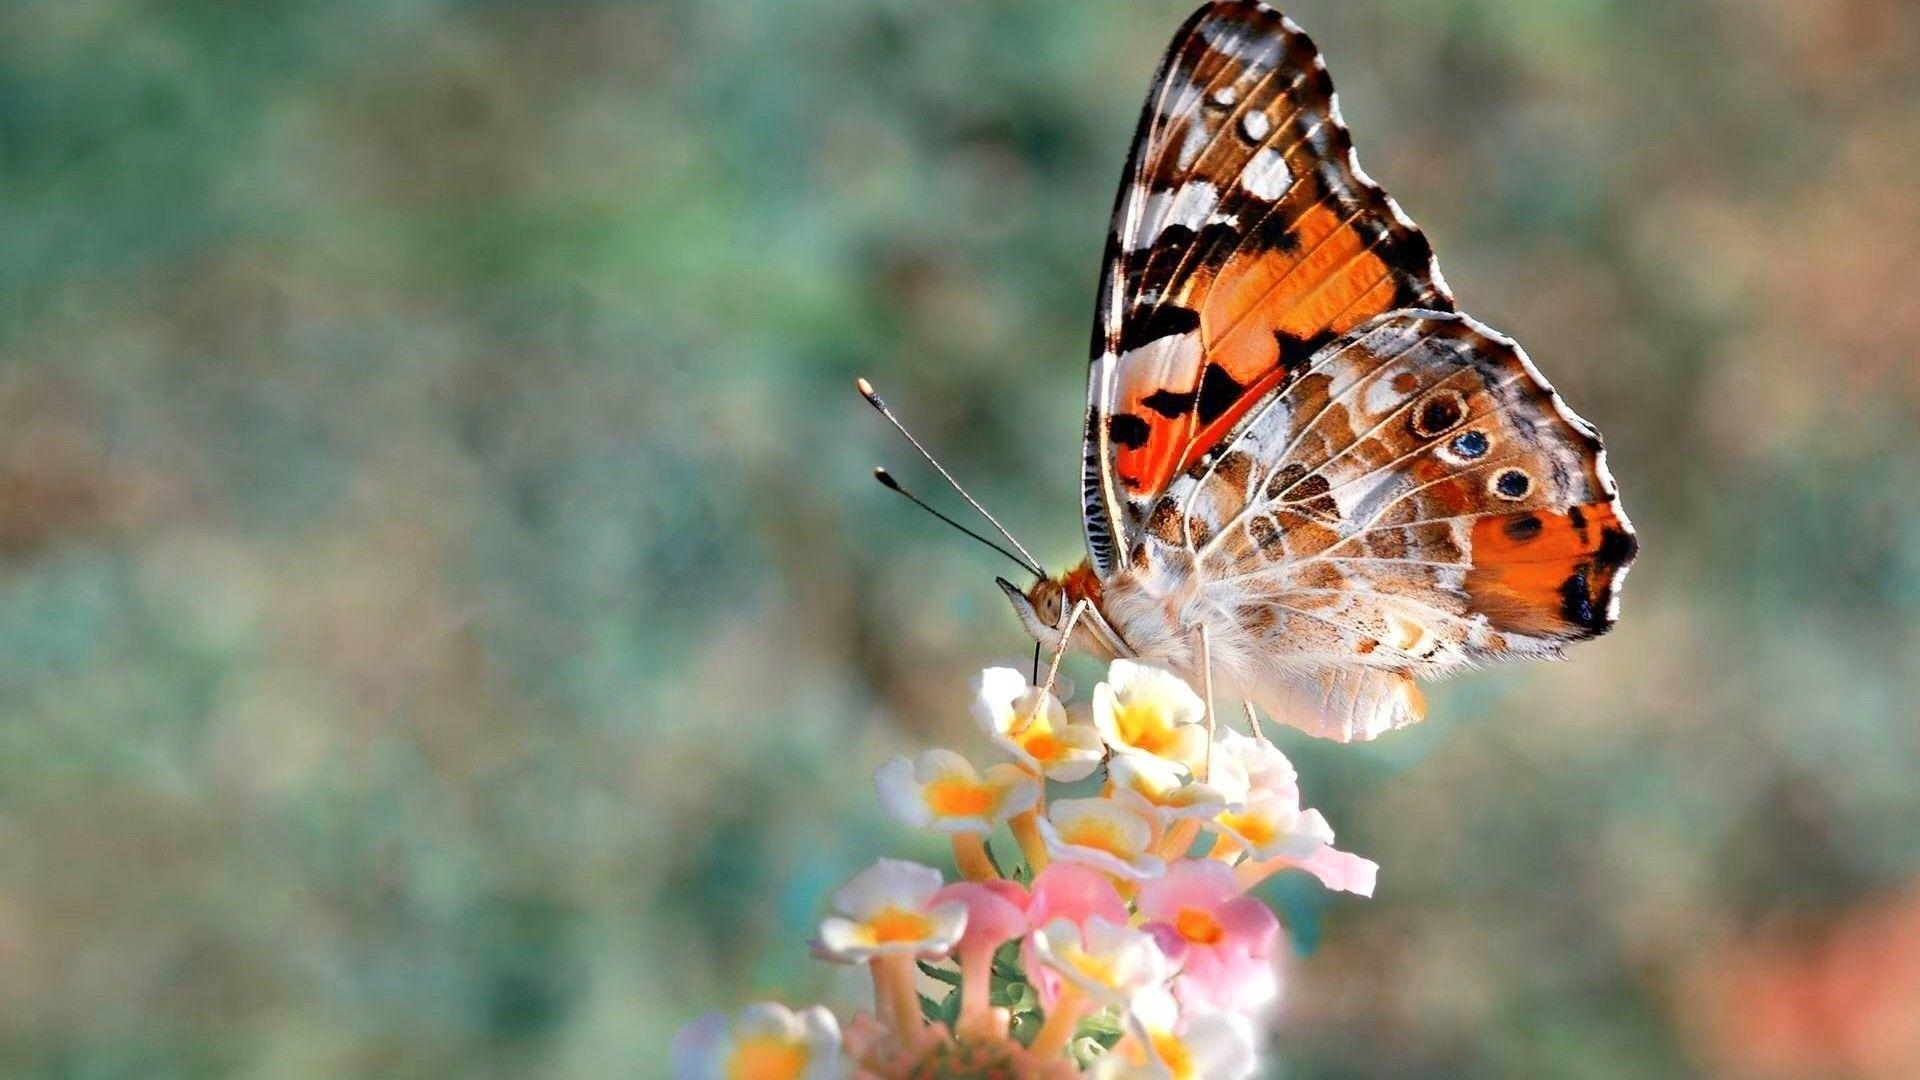 Hd Photos Of Butterflies